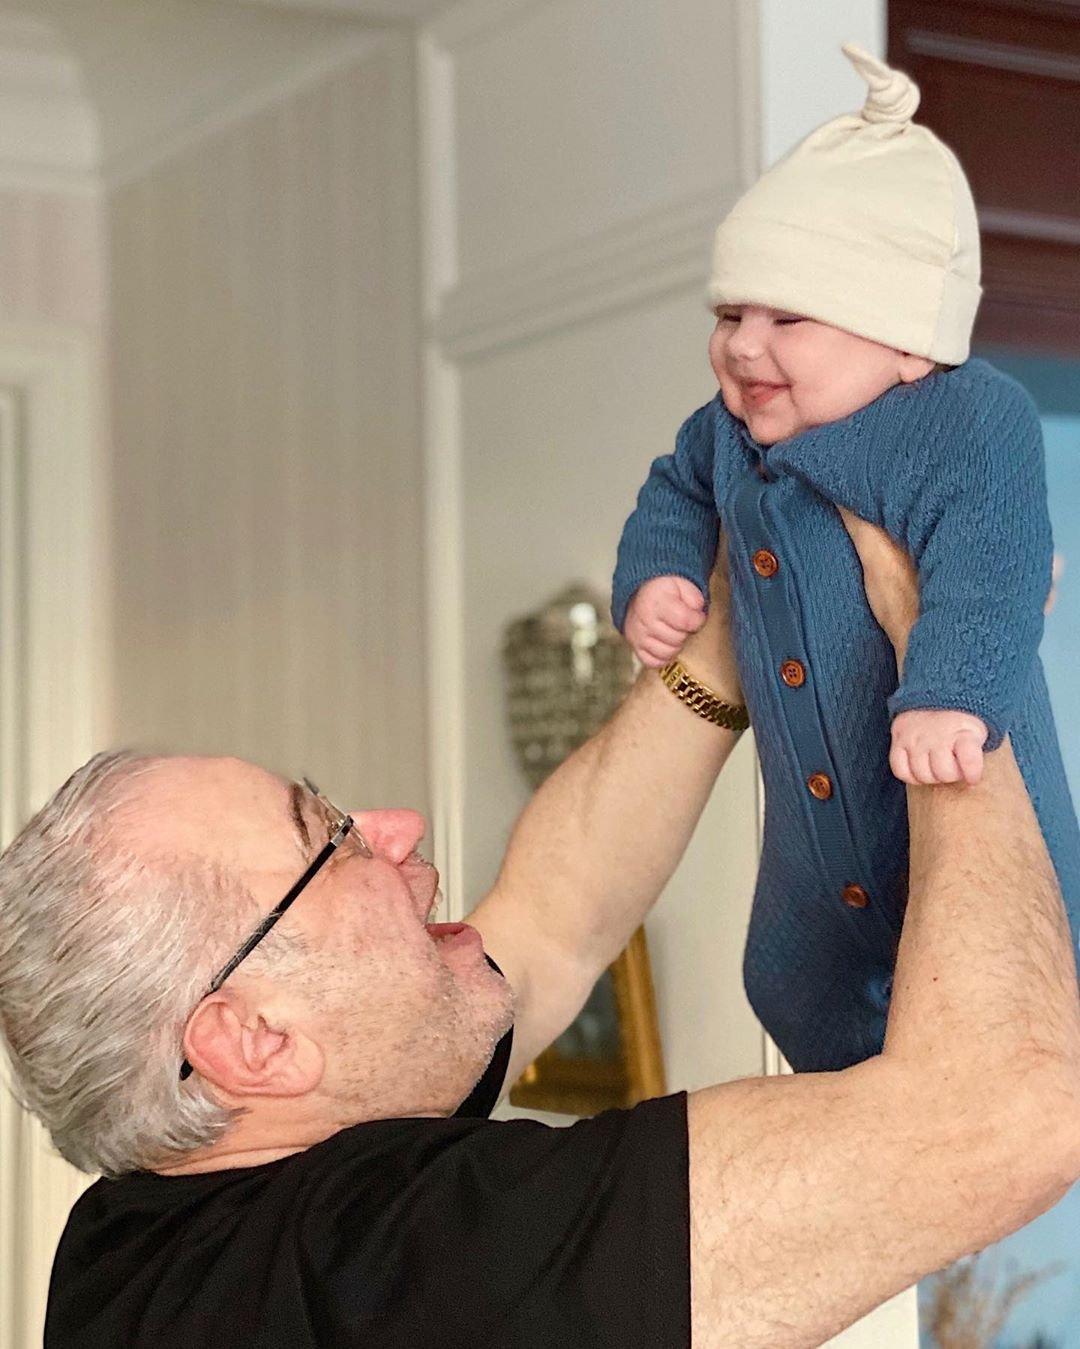 Иван Ургант посмеялся над фото Евгения Петросяна с сыном